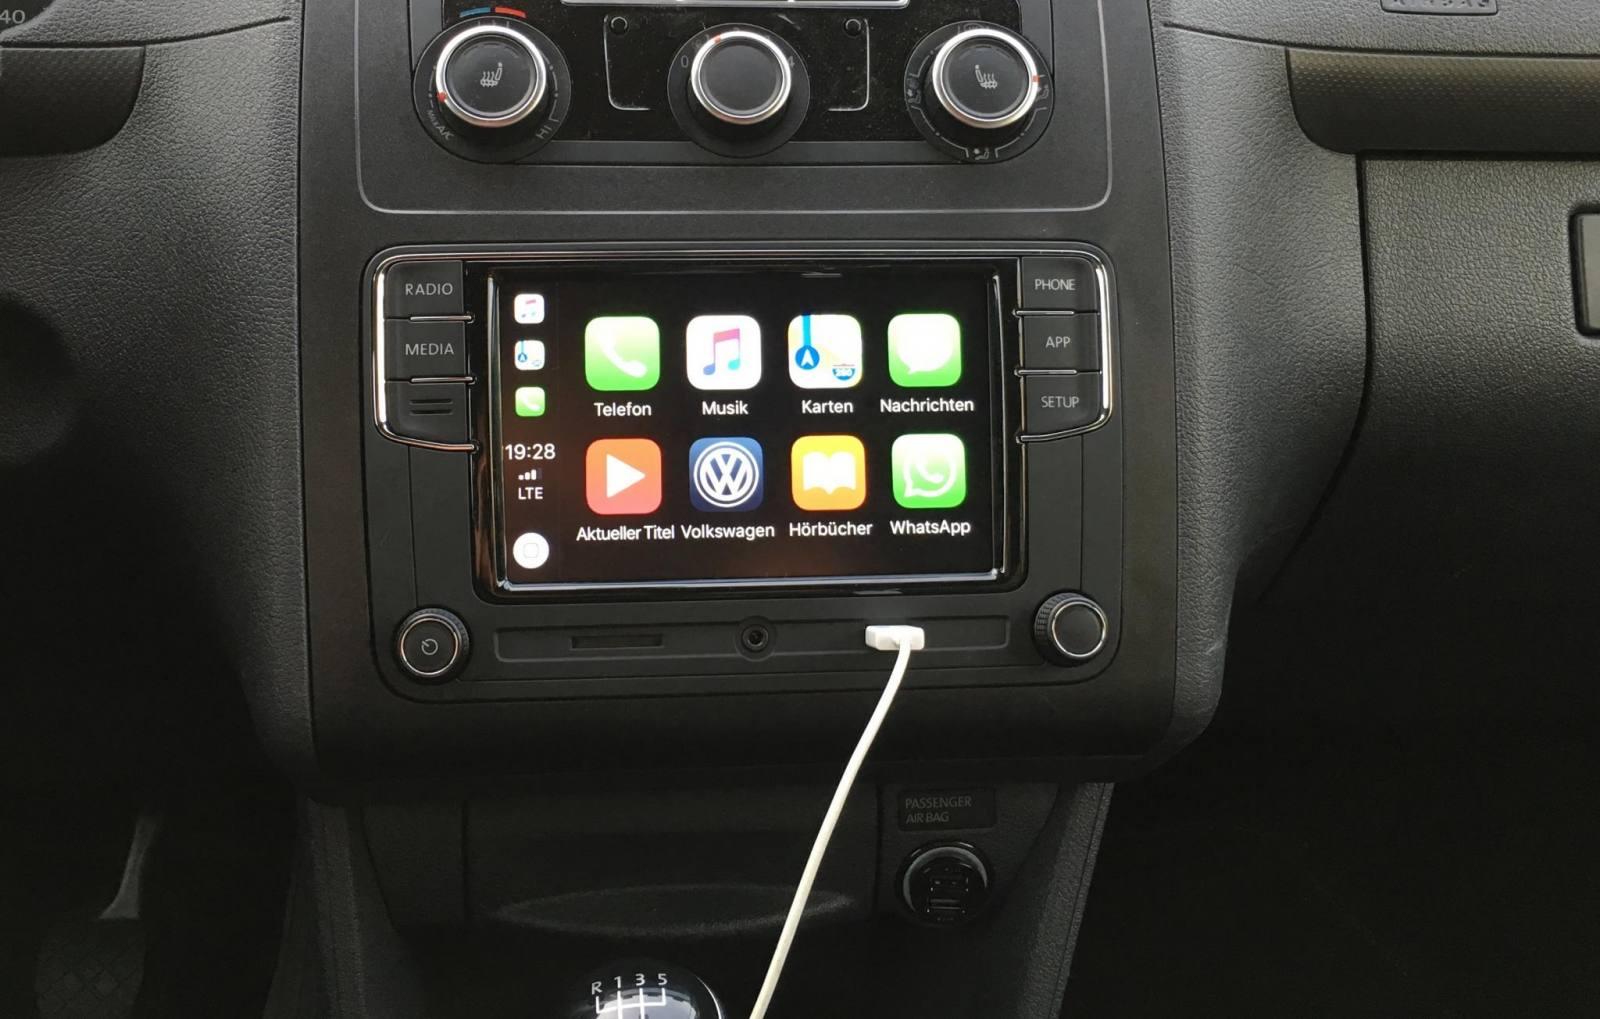 Hübsch, oder? Das RCD330 ist ein VW-Produkt, entsprechend gut passt es in meinen Caddy.